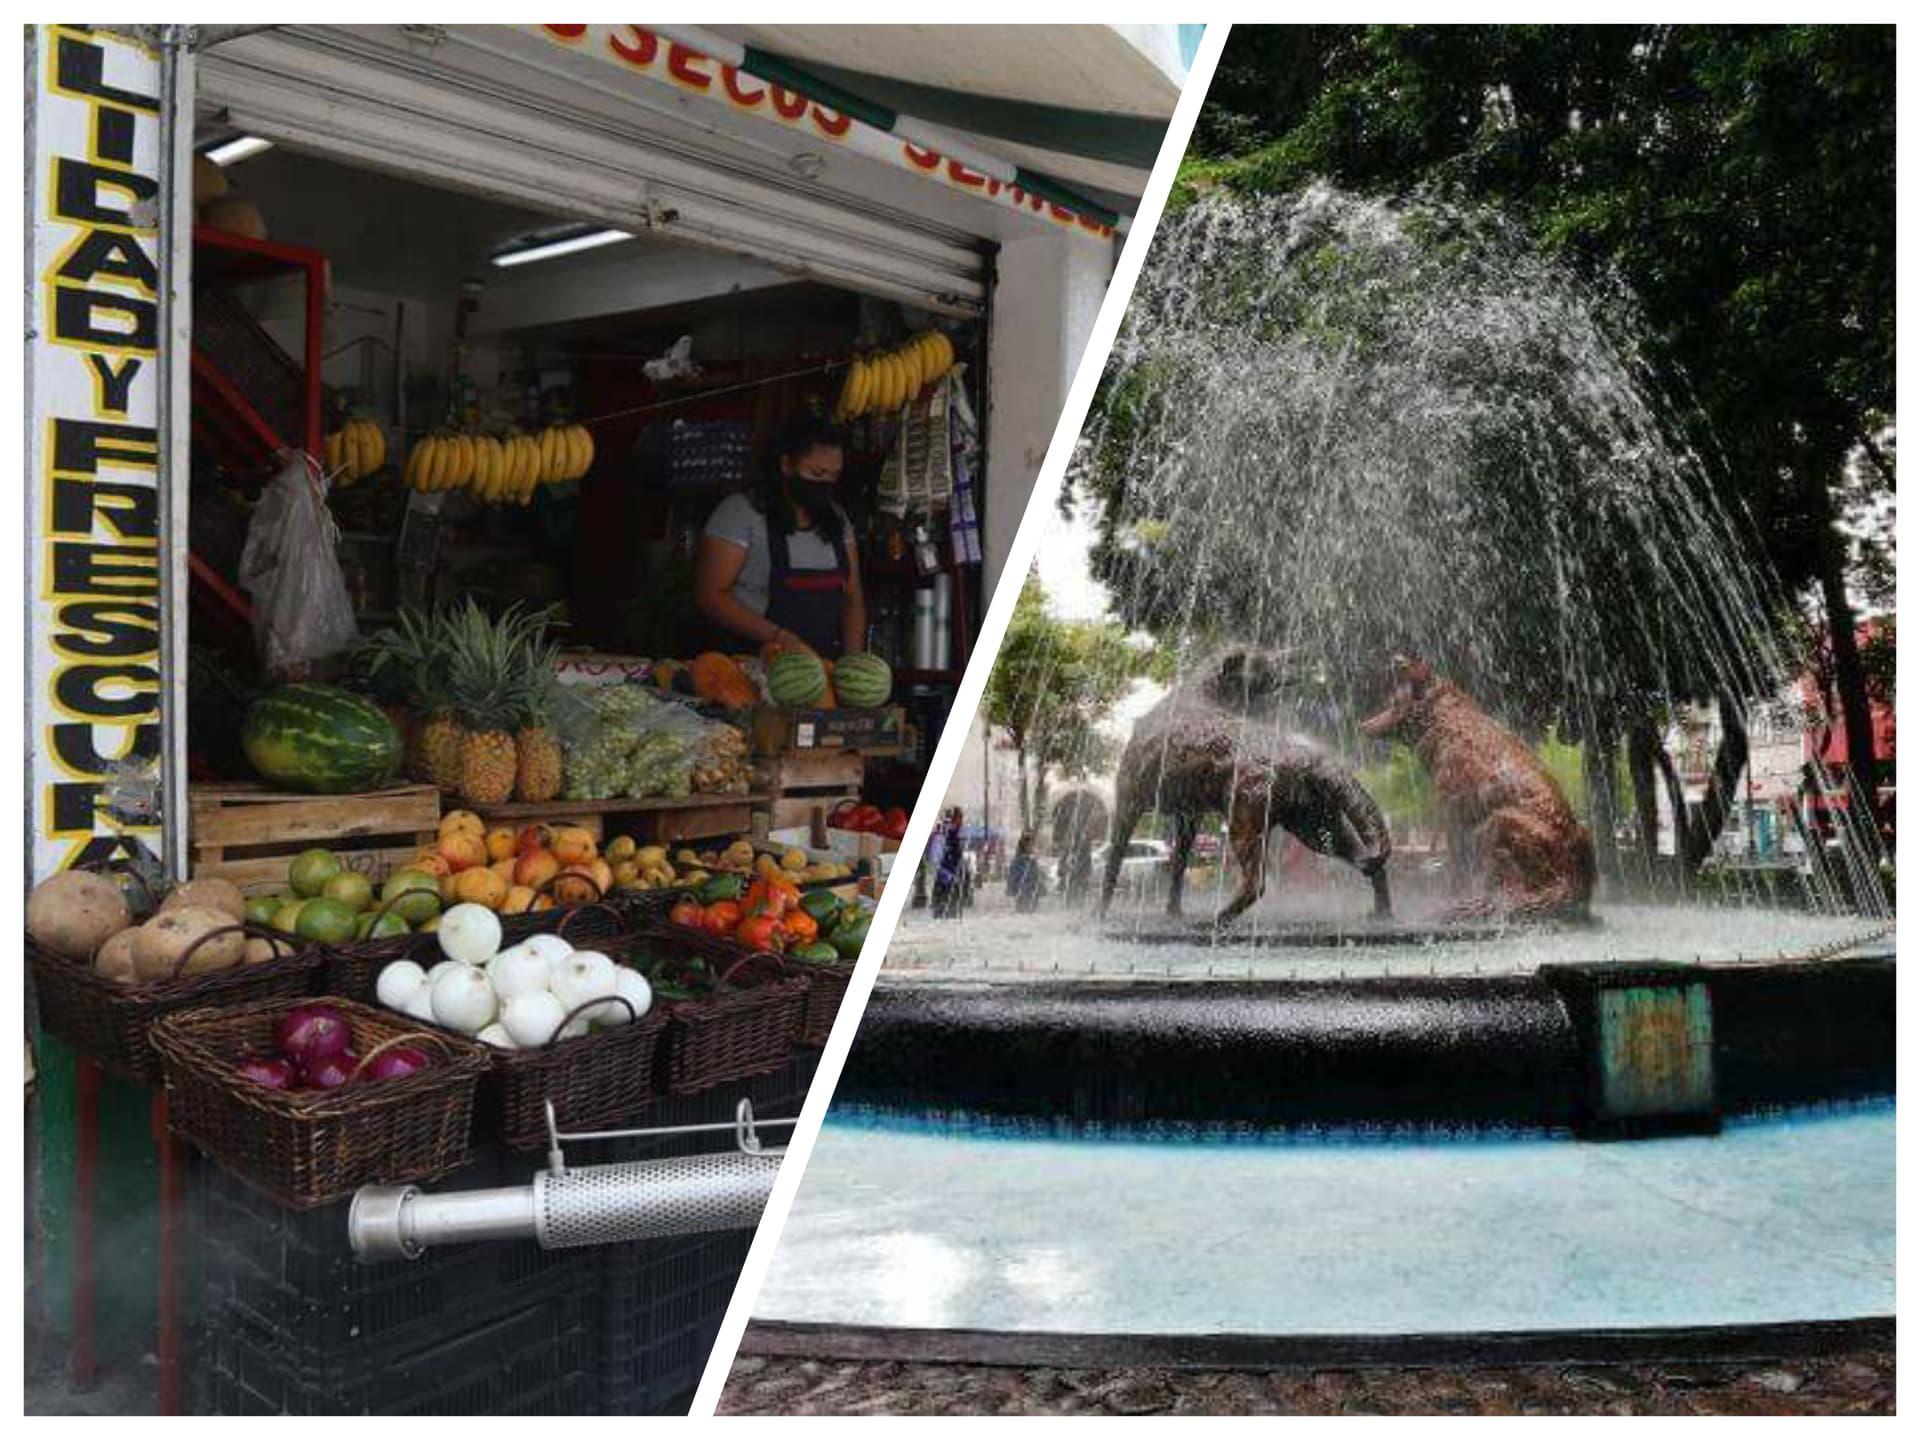 Por faltas administrativas se suspende delcargo aServidoresPúblicosen la Alcaldía Coyoacán